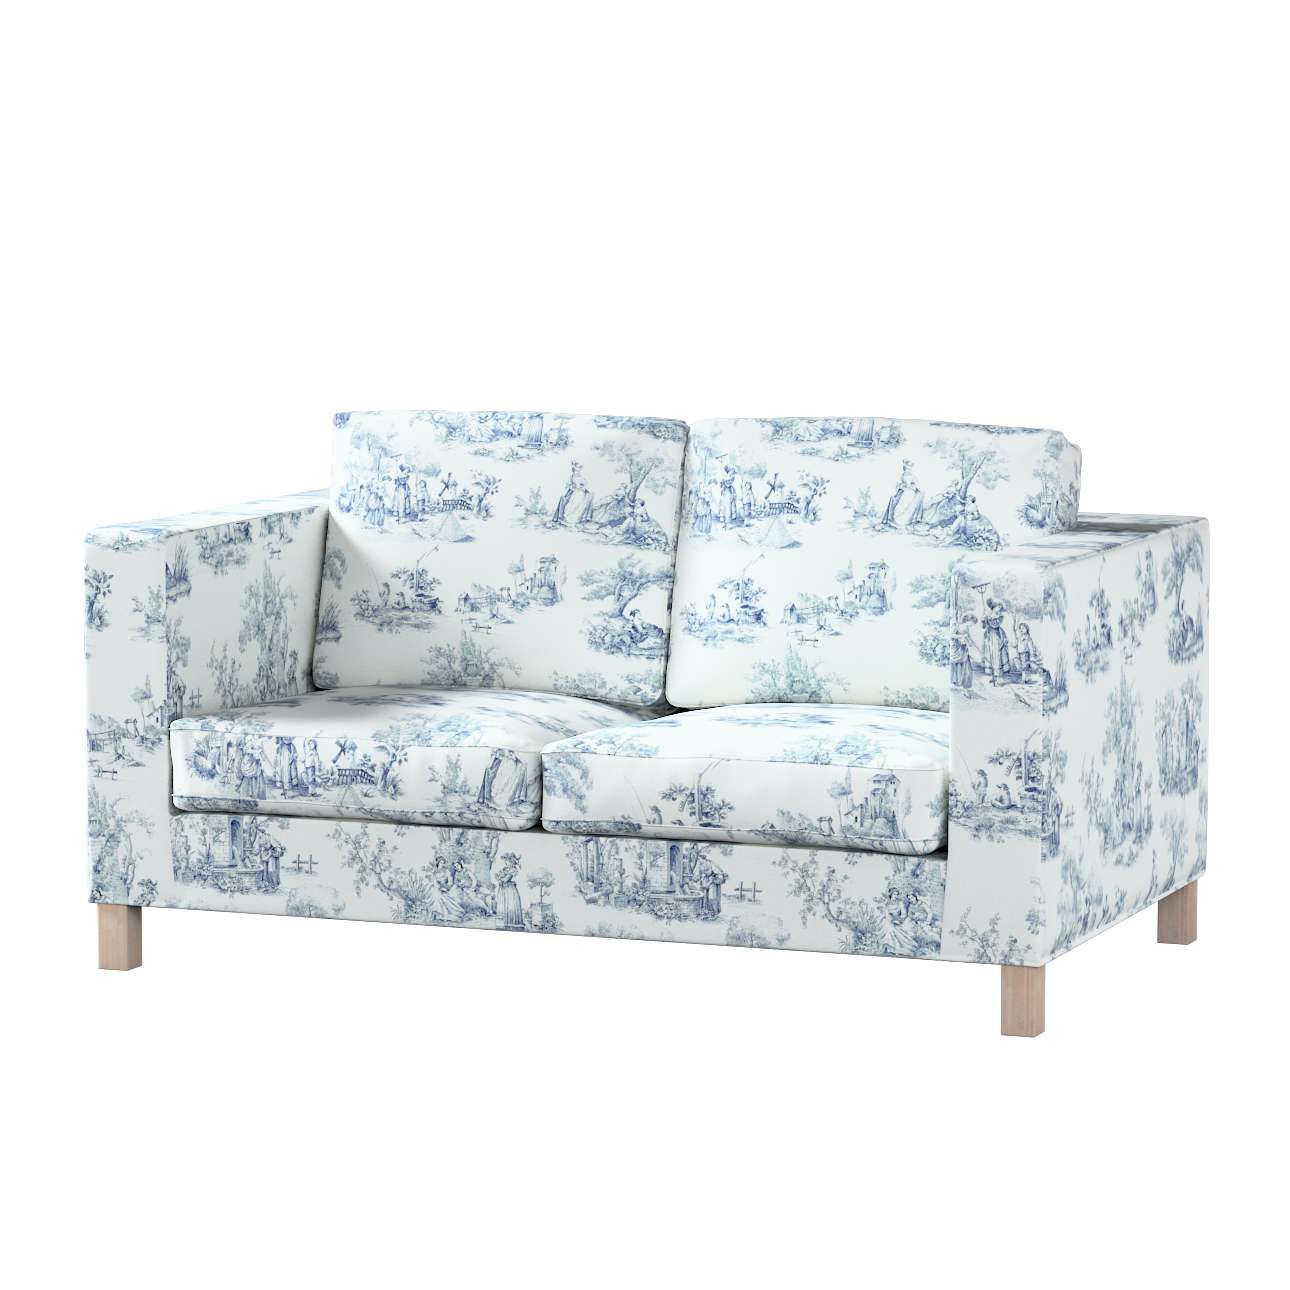 Karlanda 2-Sitzer Sofabezug nicht ausklappbar kurz Karlanda 2-Sitzer von der Kollektion Avinon, Stoff: 132-66